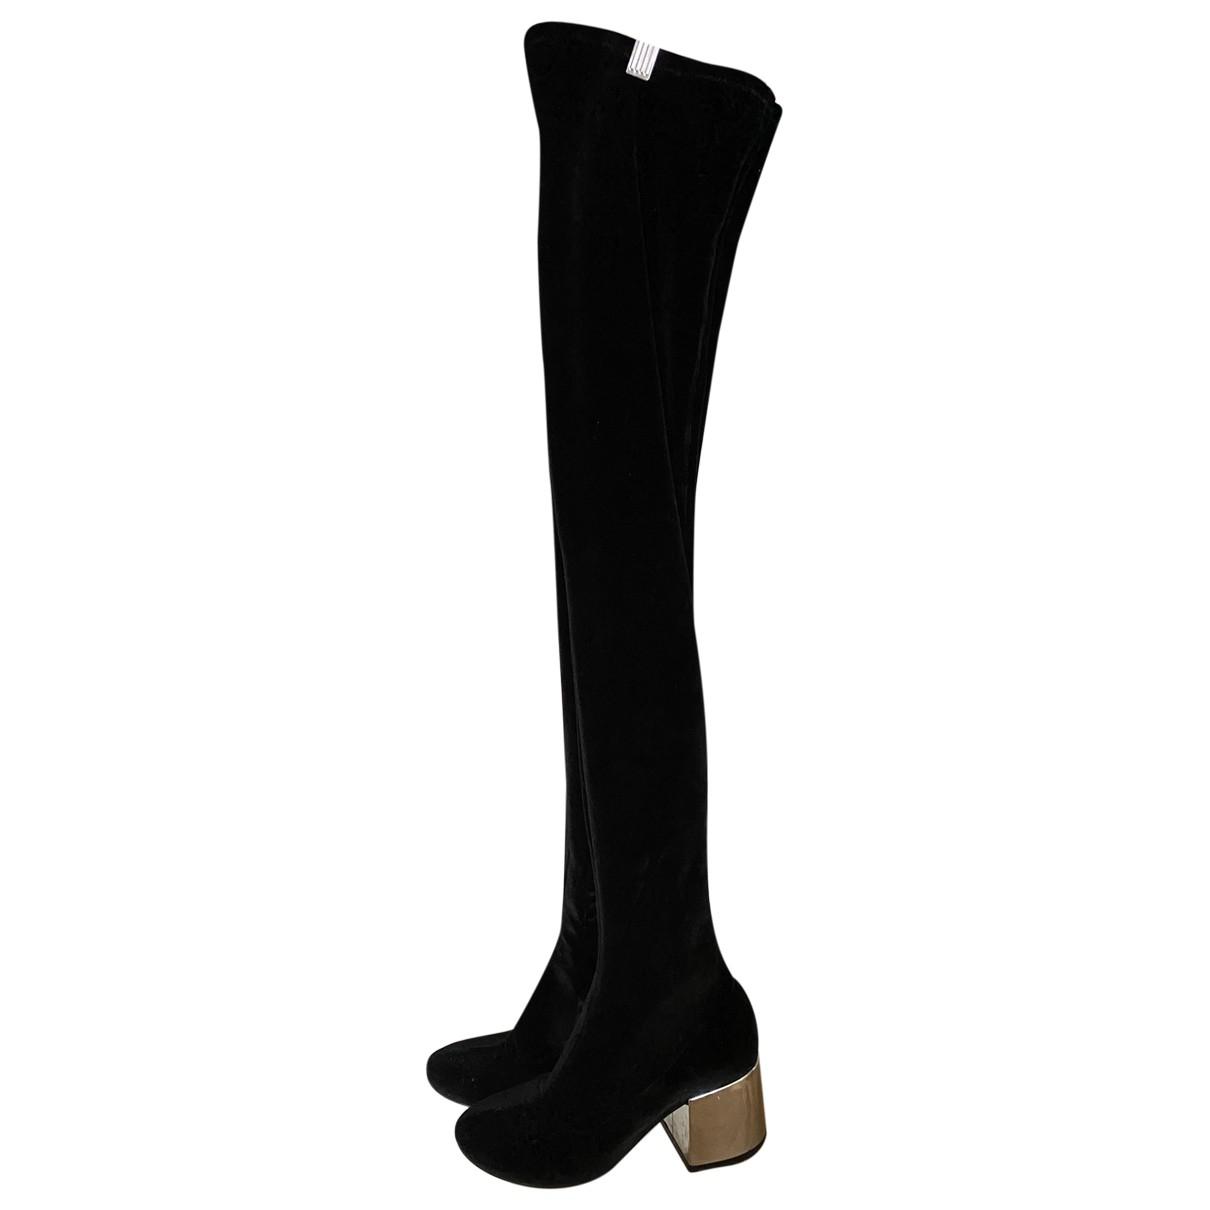 Mm6 - Bottes   pour femme en velours - noir